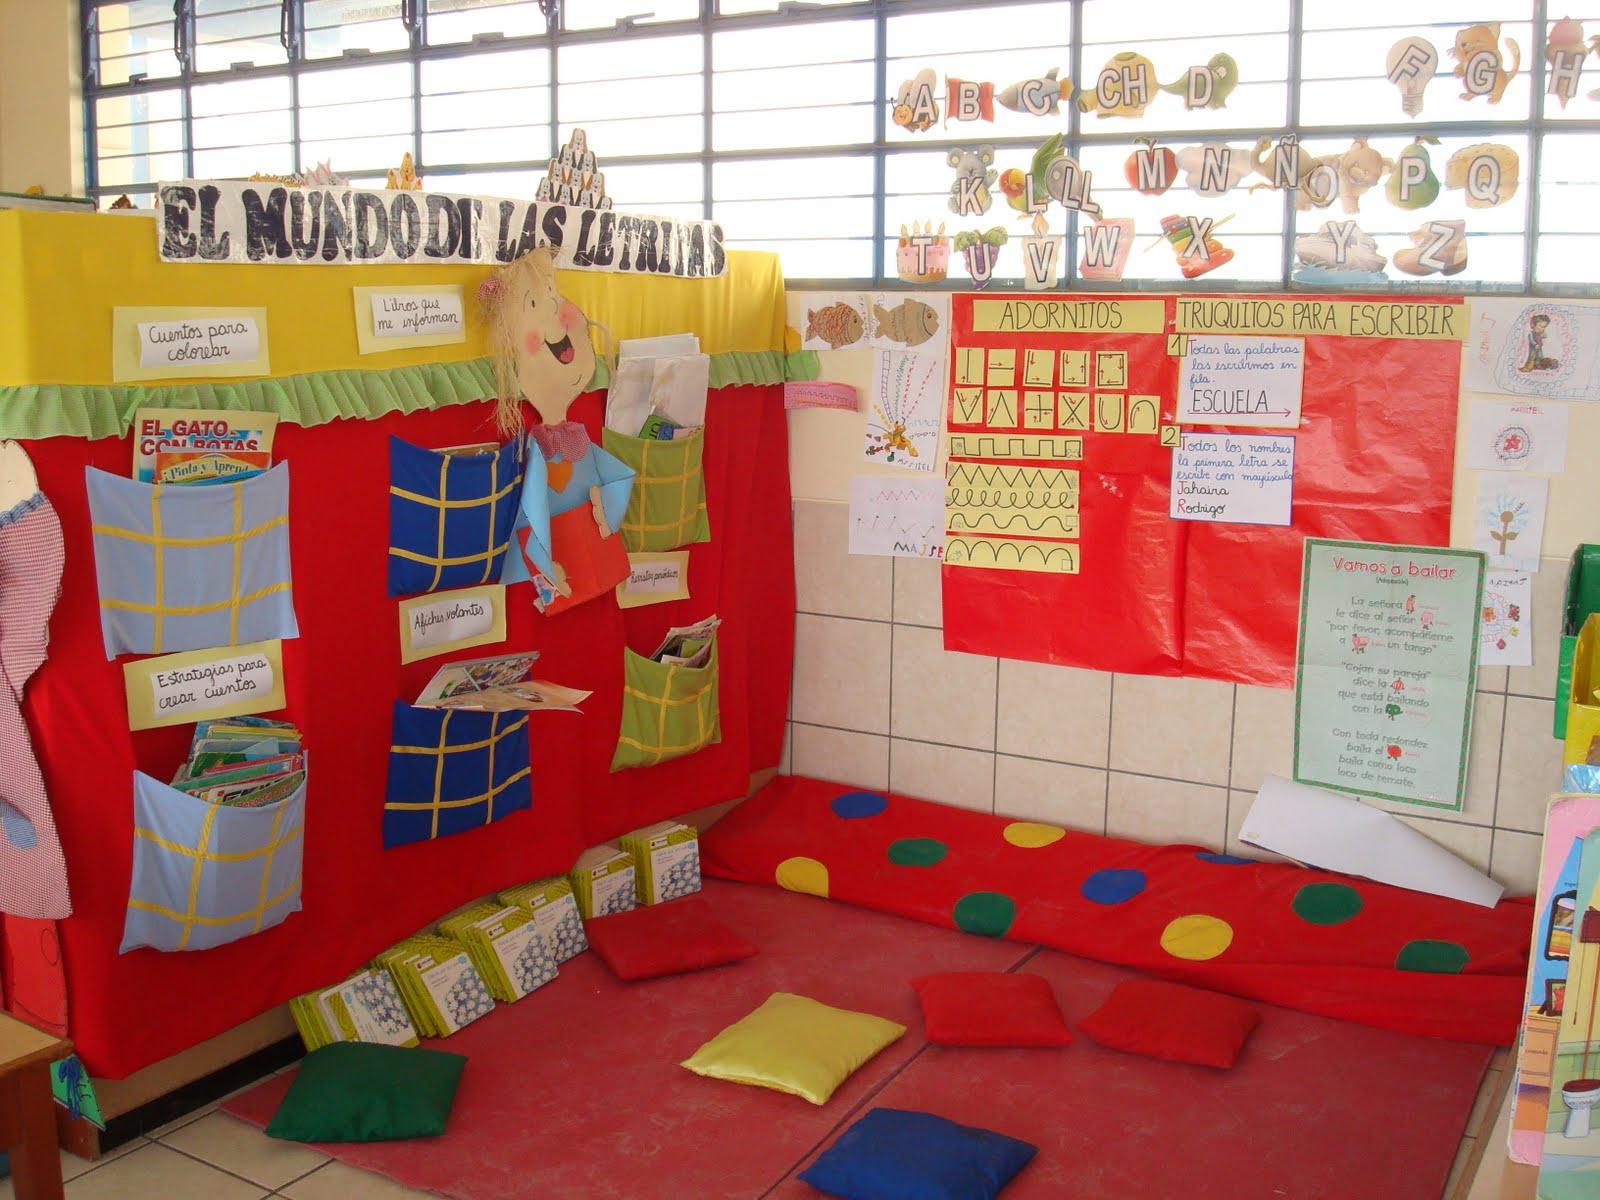 Educando con amor decoracion del aula for Buenas ideas decoracion